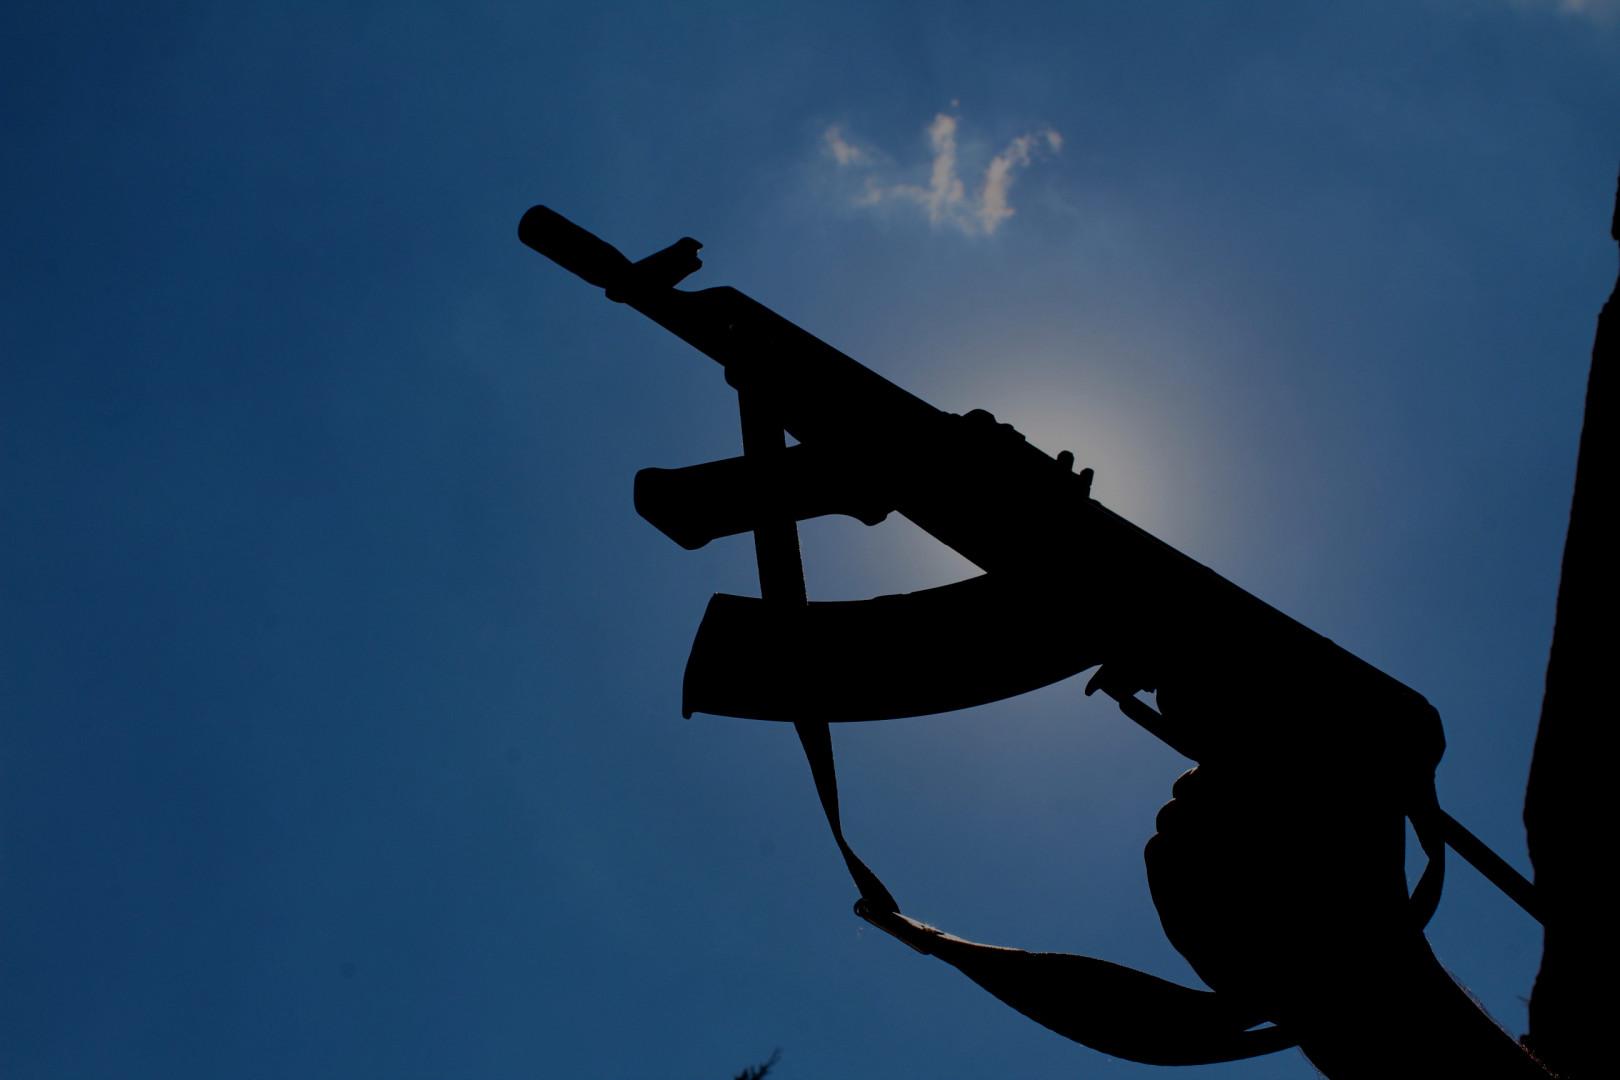 قتيل وجريح في خلاف عشائري مسلح جنوبي العراق